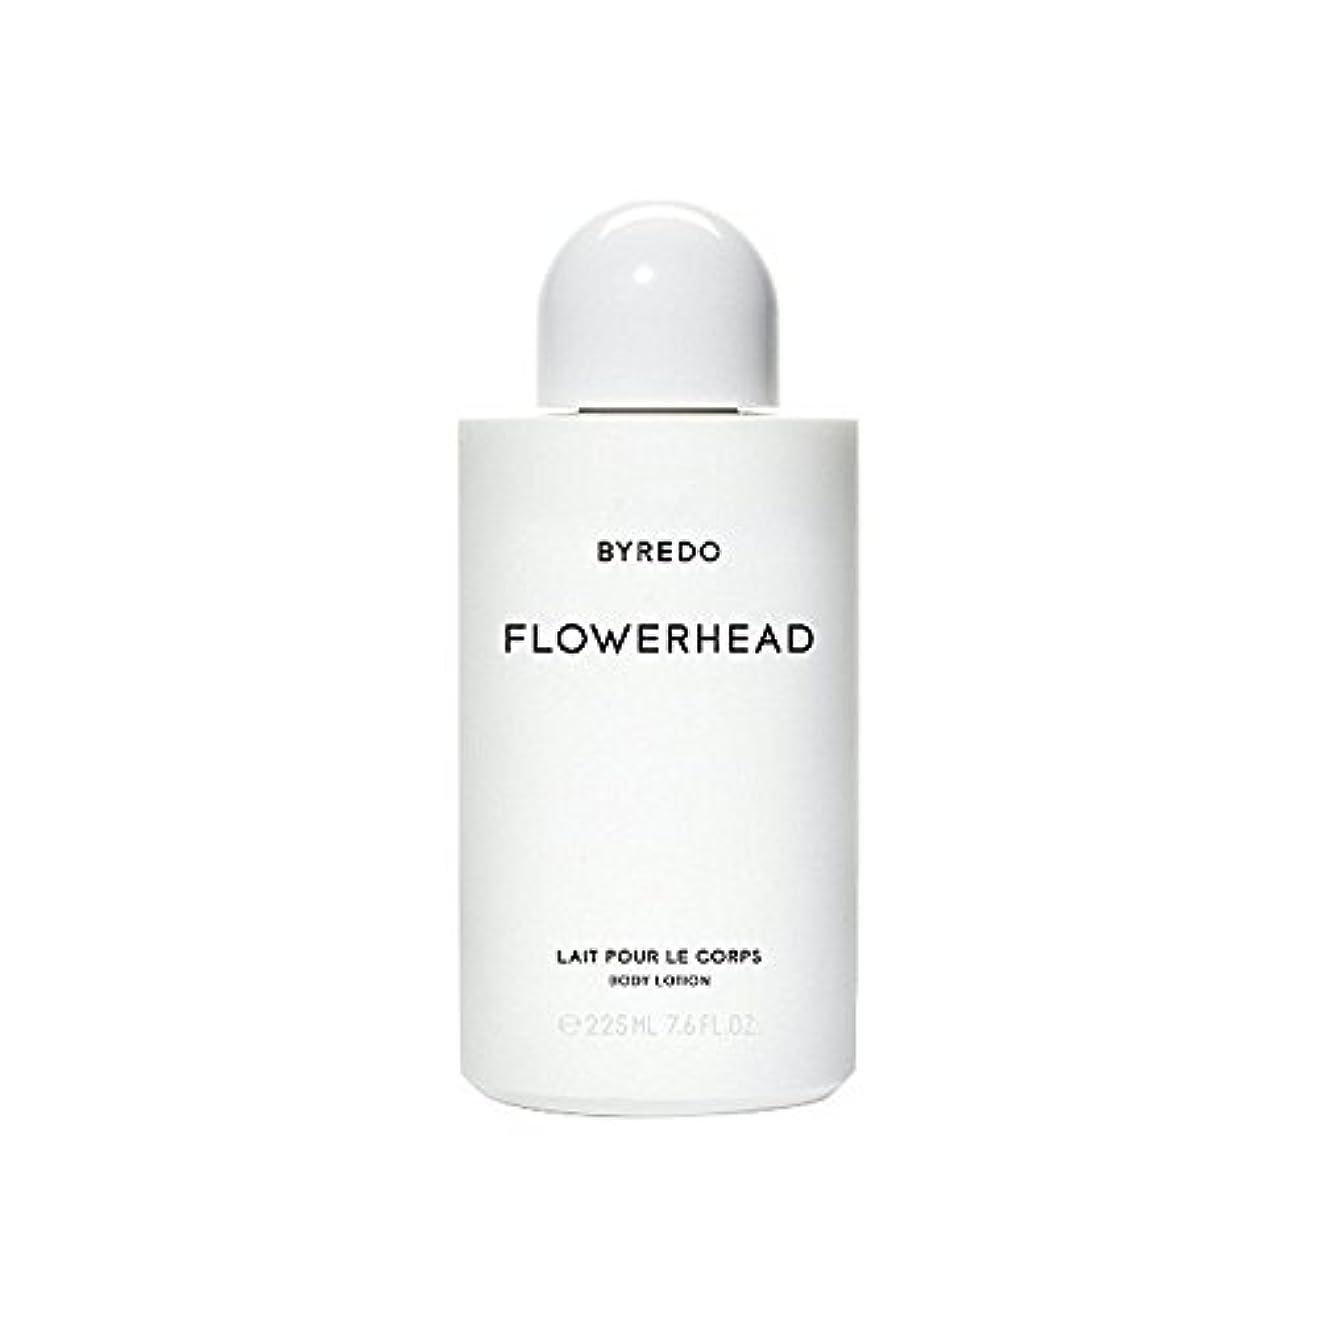 トーナメント補助金羨望ボディローション225ミリリットル x2 - Byredo Flowerhead Body Lotion 225ml (Pack of 2) [並行輸入品]